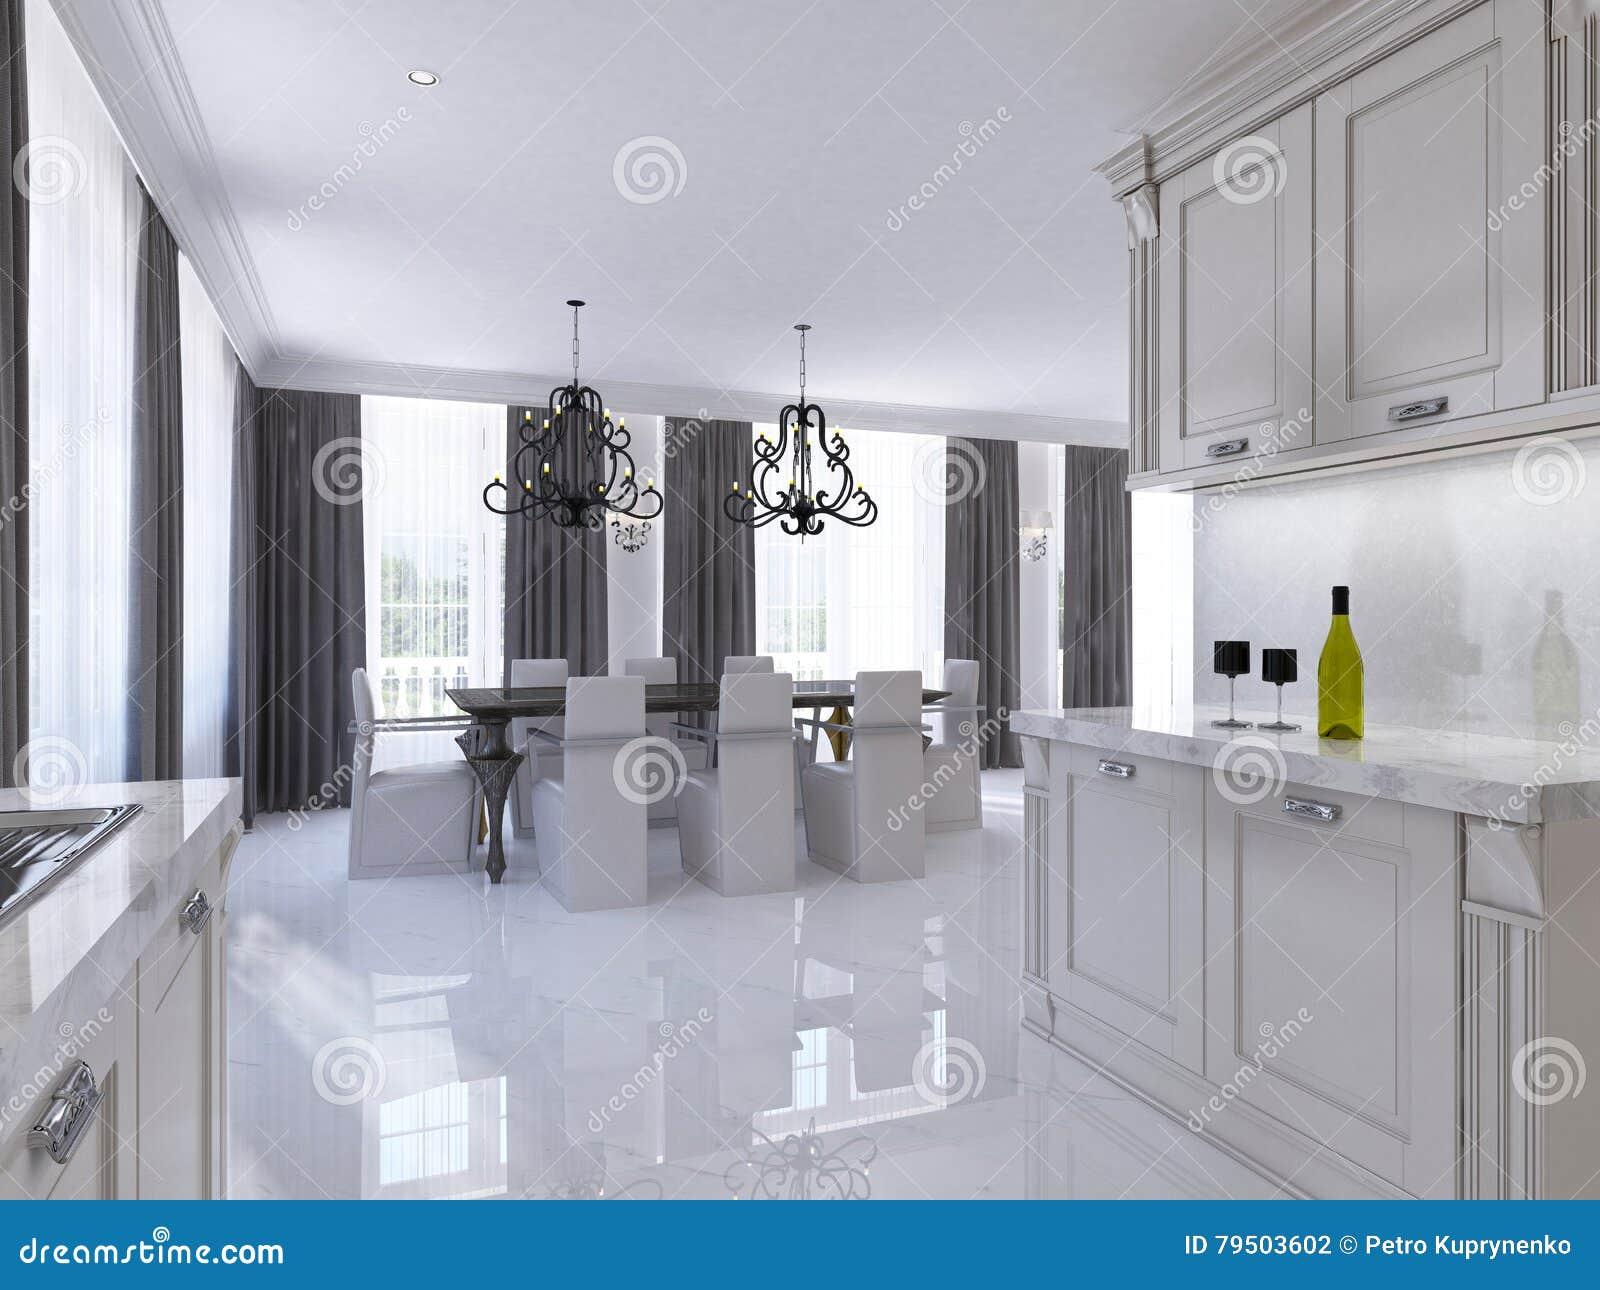 Klassieke witte keuken dinerende ruimte in de stijl van art deco